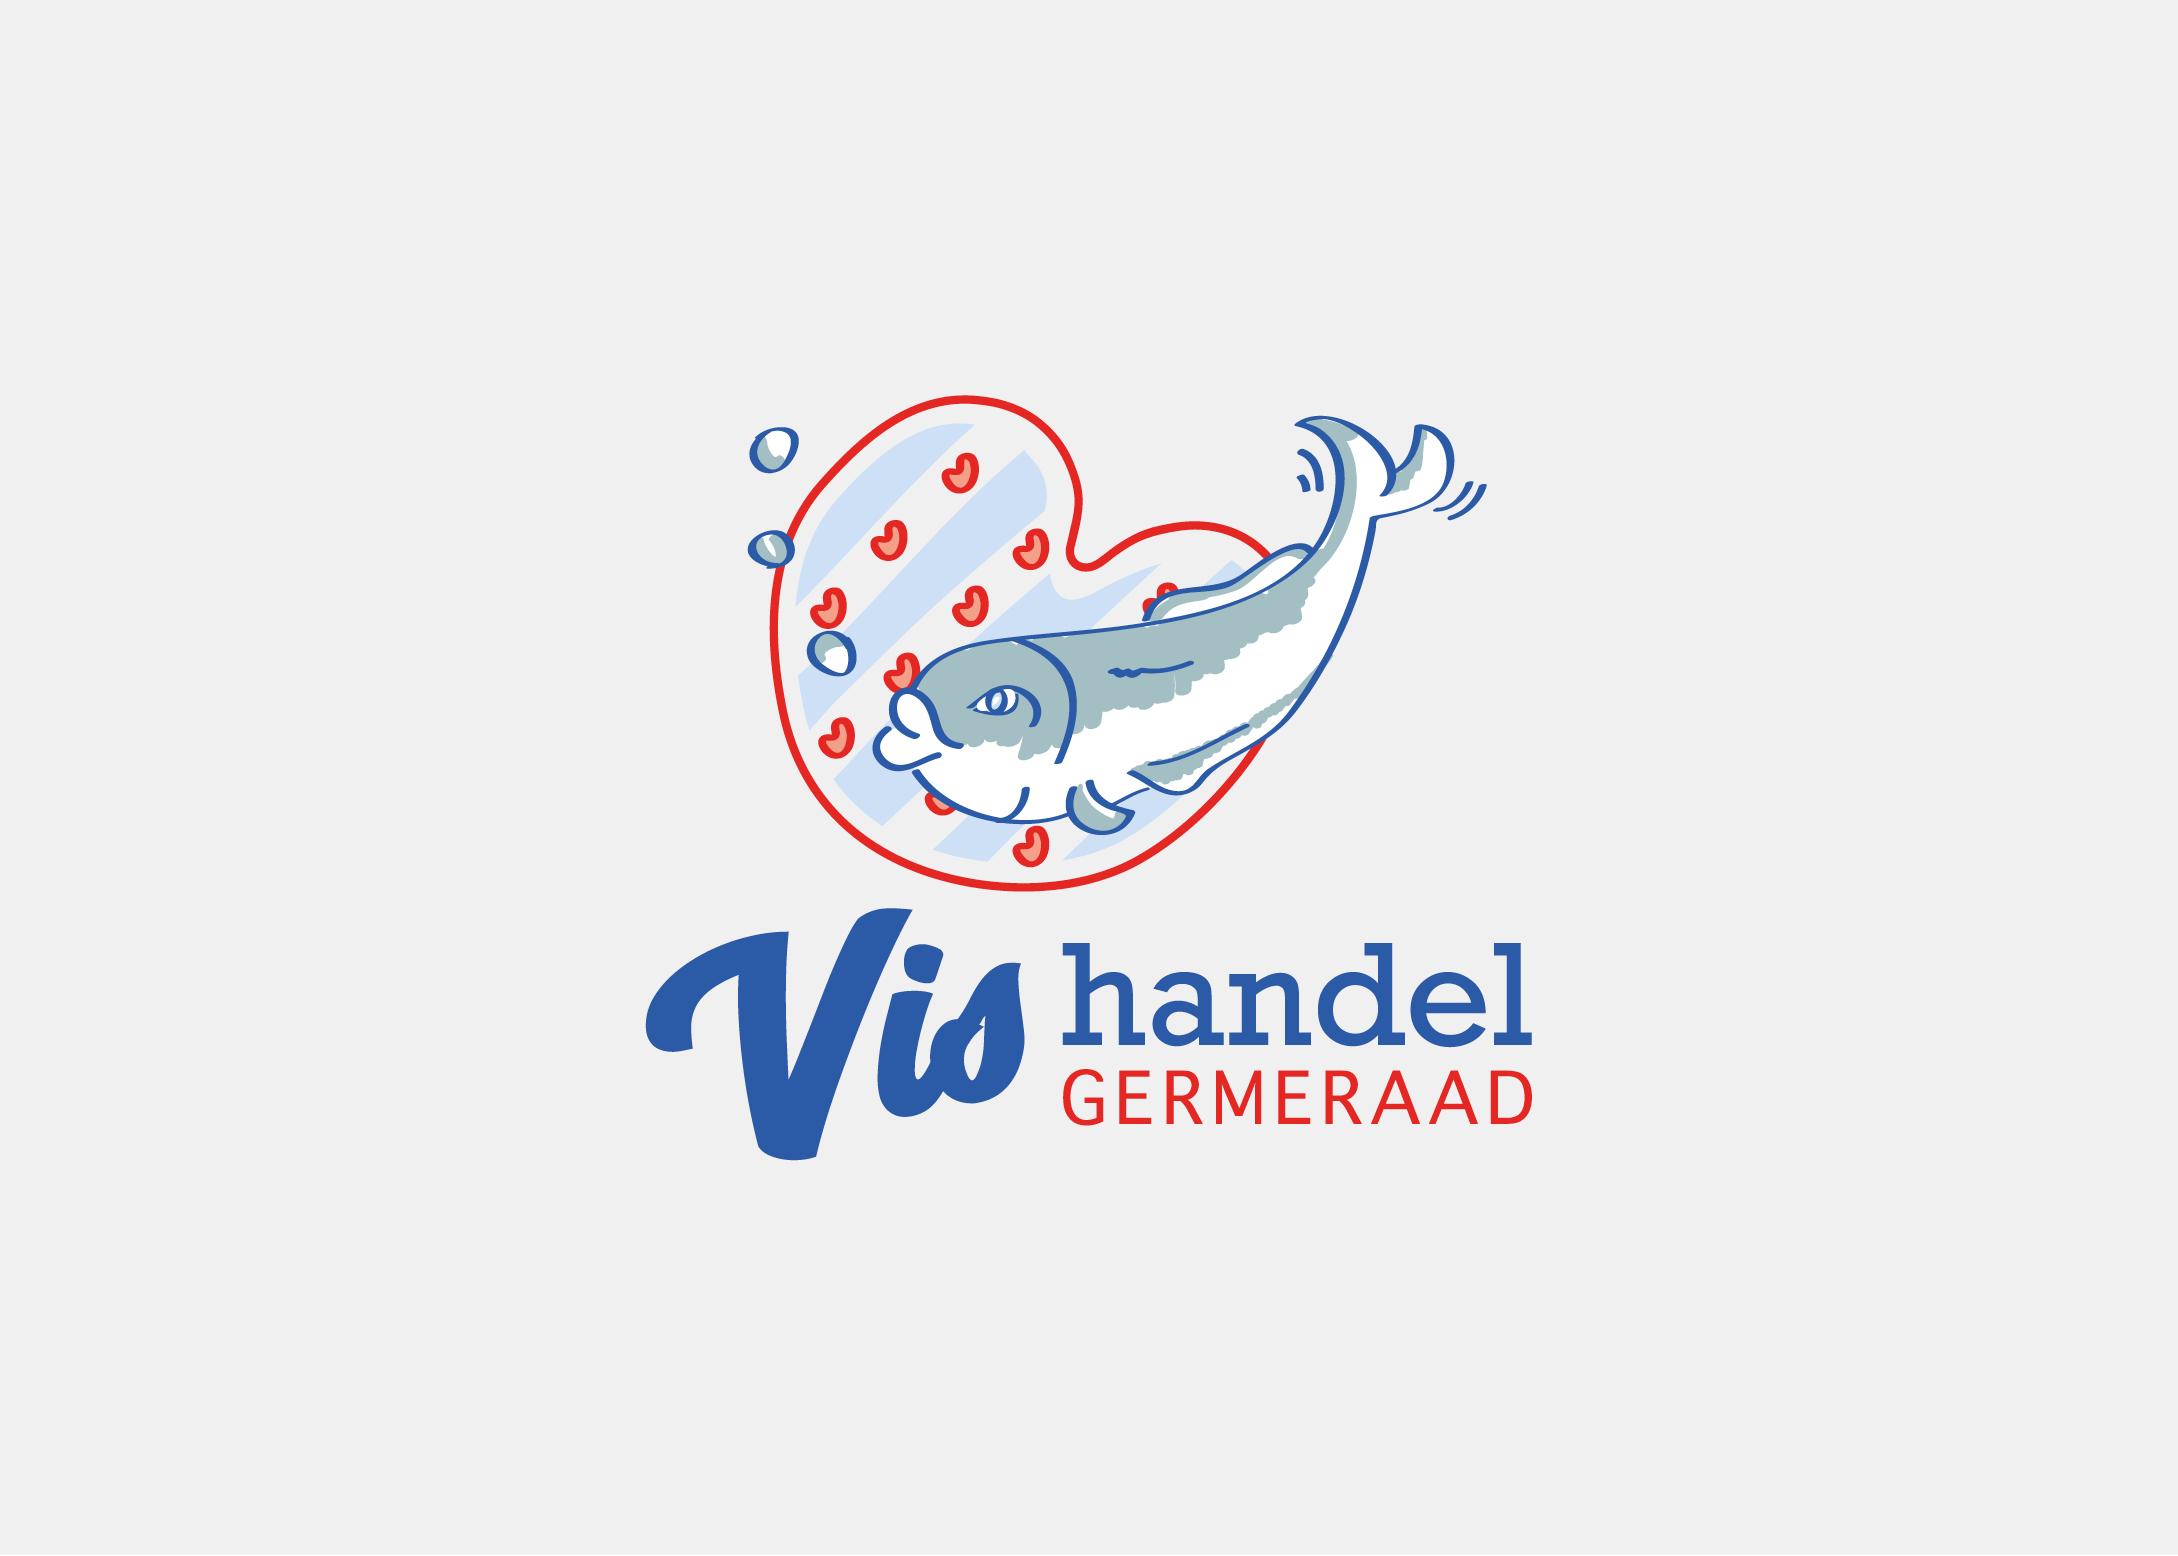 Logo-ontwerp-burowit-reclamebureau-kampen-Thirza-bakker-David-van-der-Toorn-Logo-laten-maken